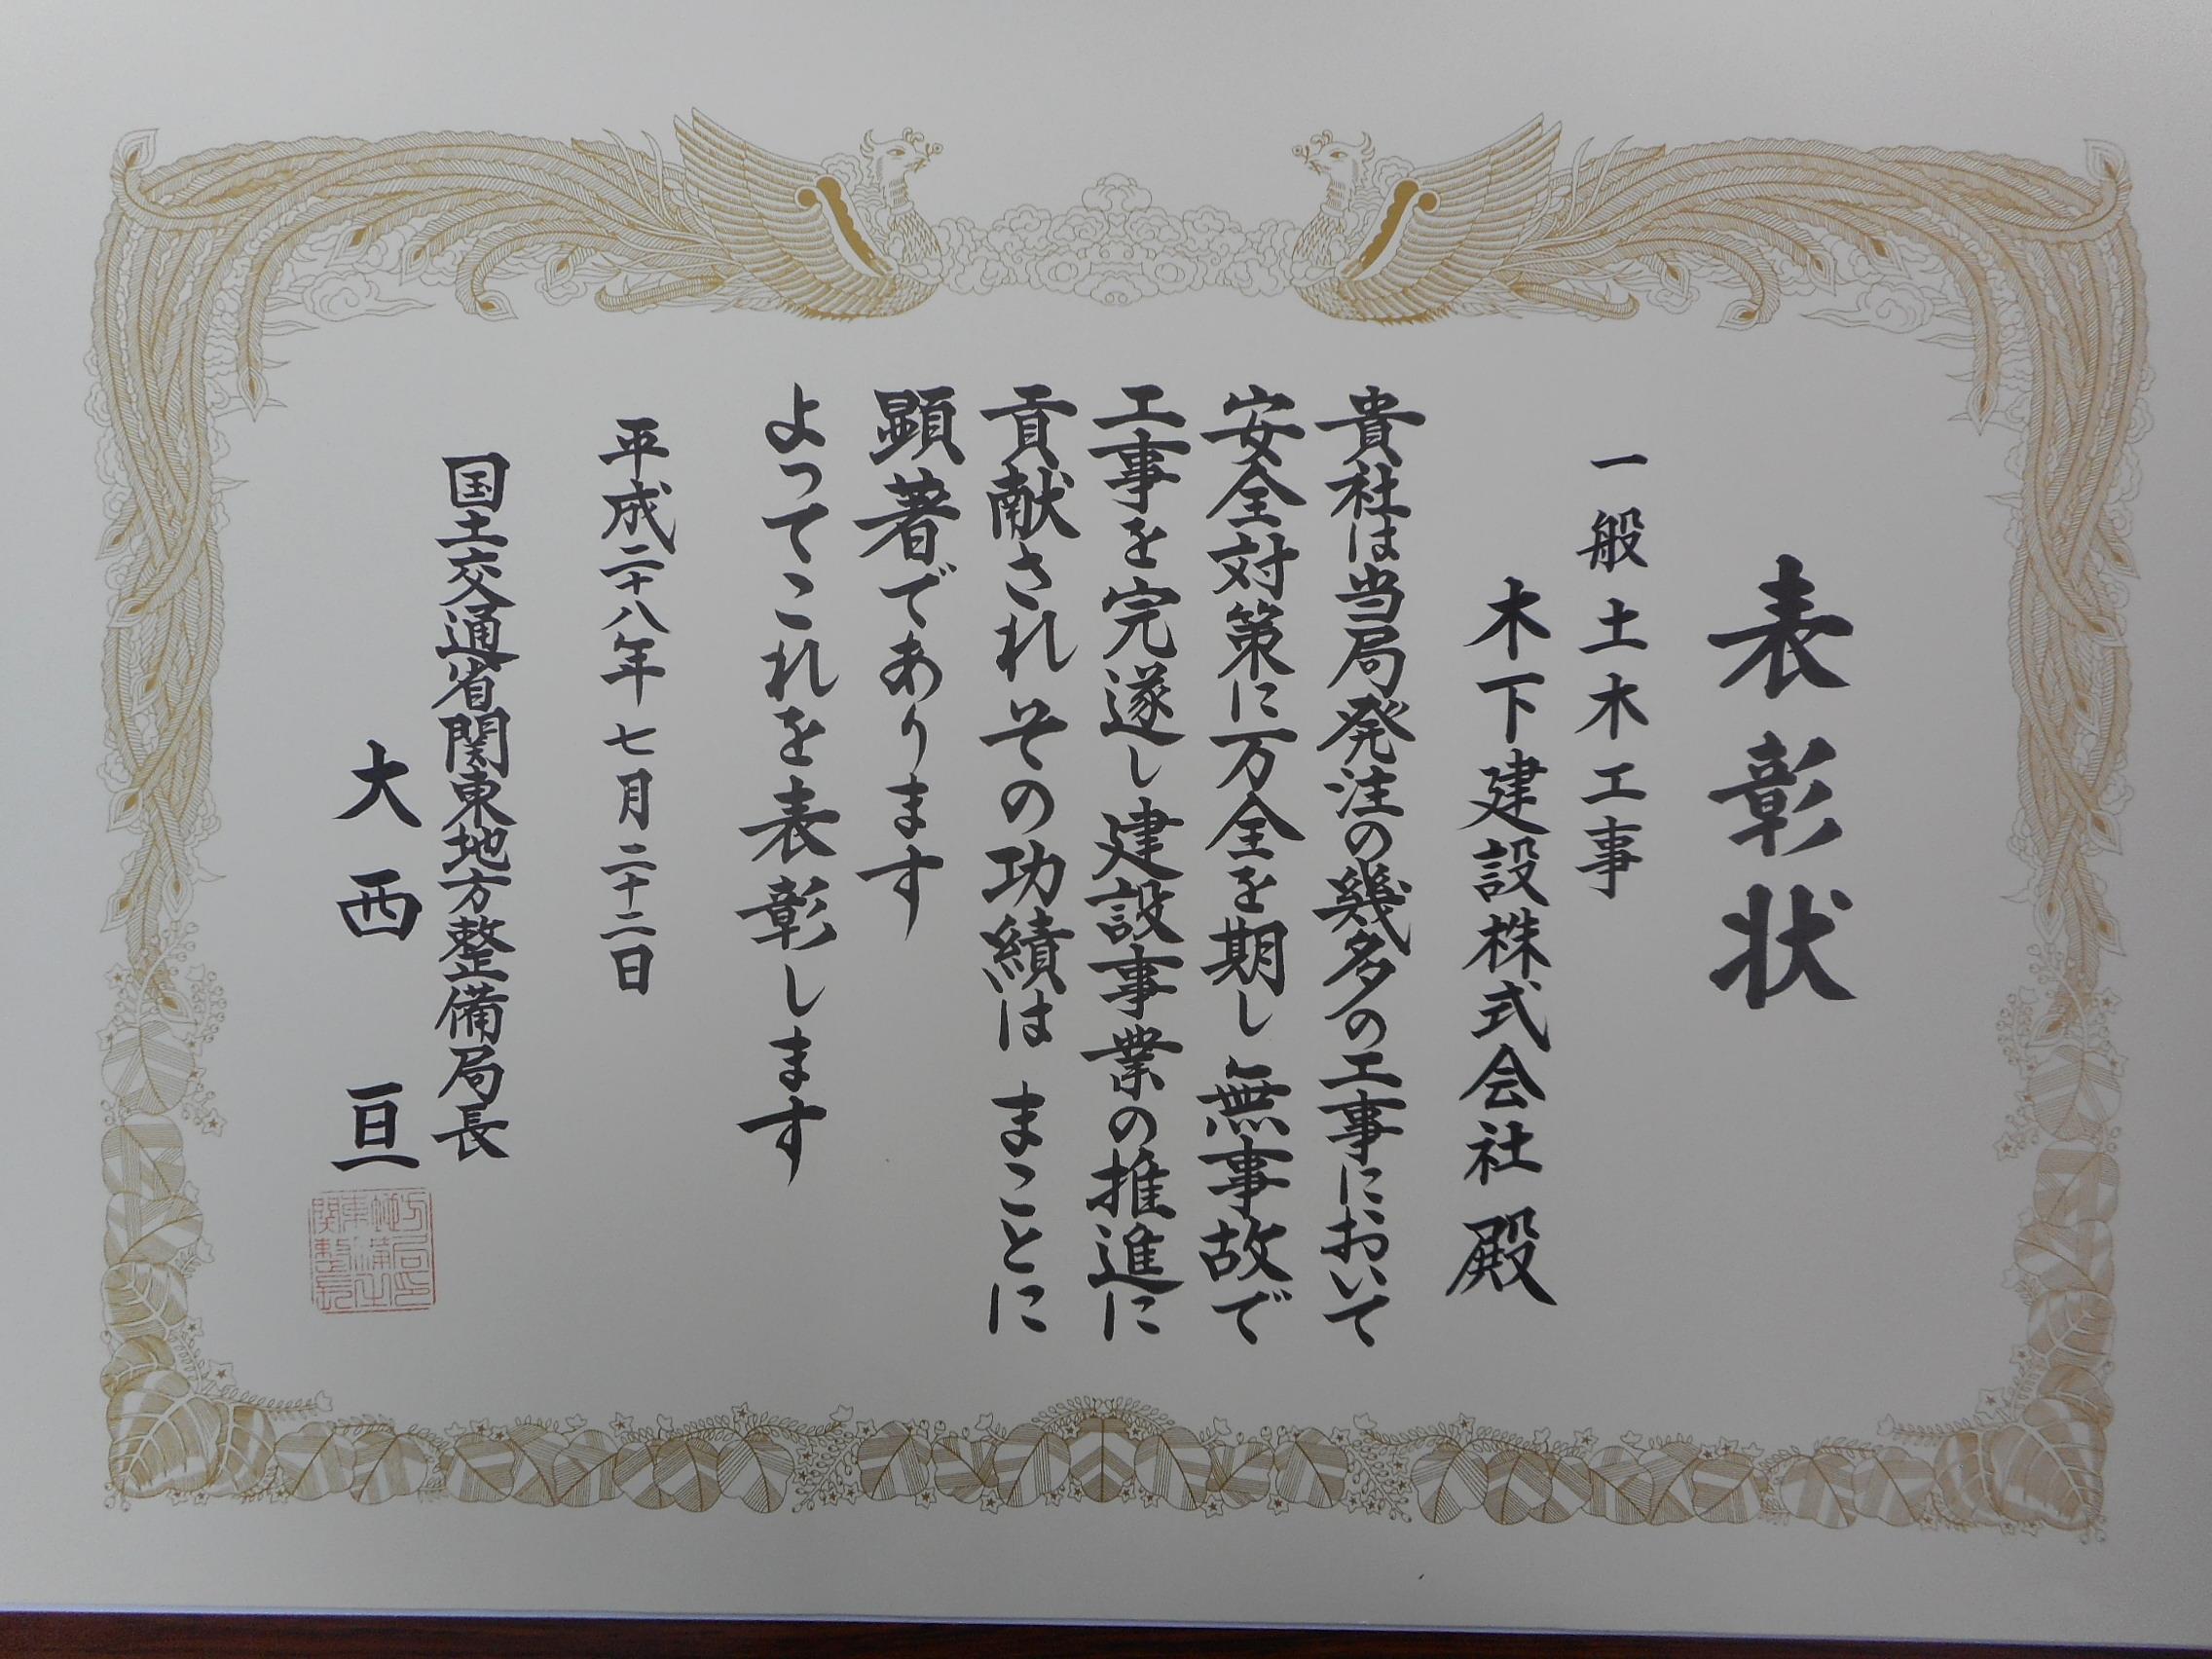 平成28年 局長表彰『安全優良』